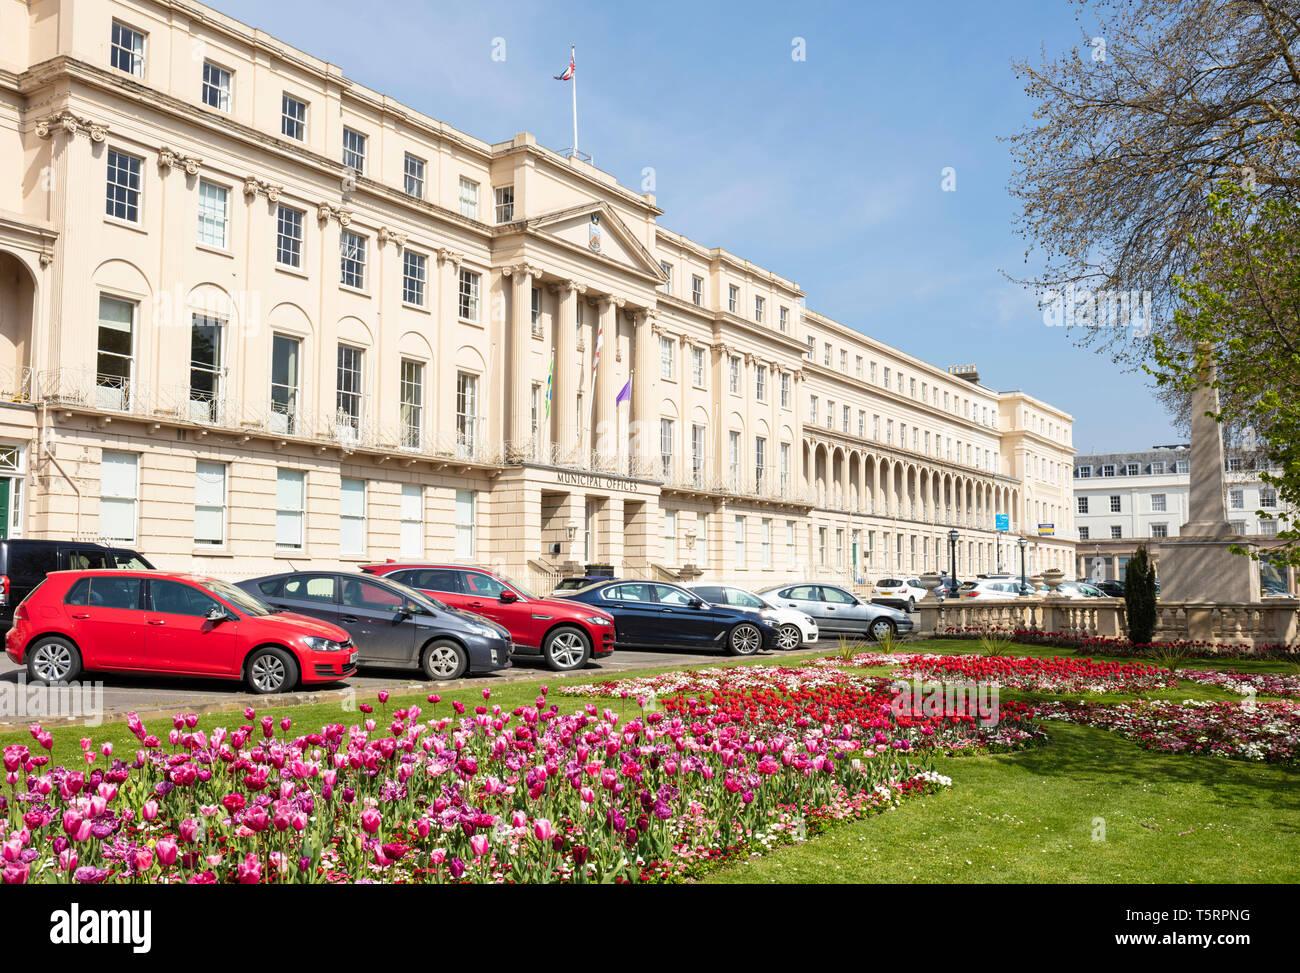 Cheltenham Borough Council Municipal Offices on The Promenade Cheltenham promenade Cheltenham Spa, Gloucestershire England UK GB Europe - Stock Image